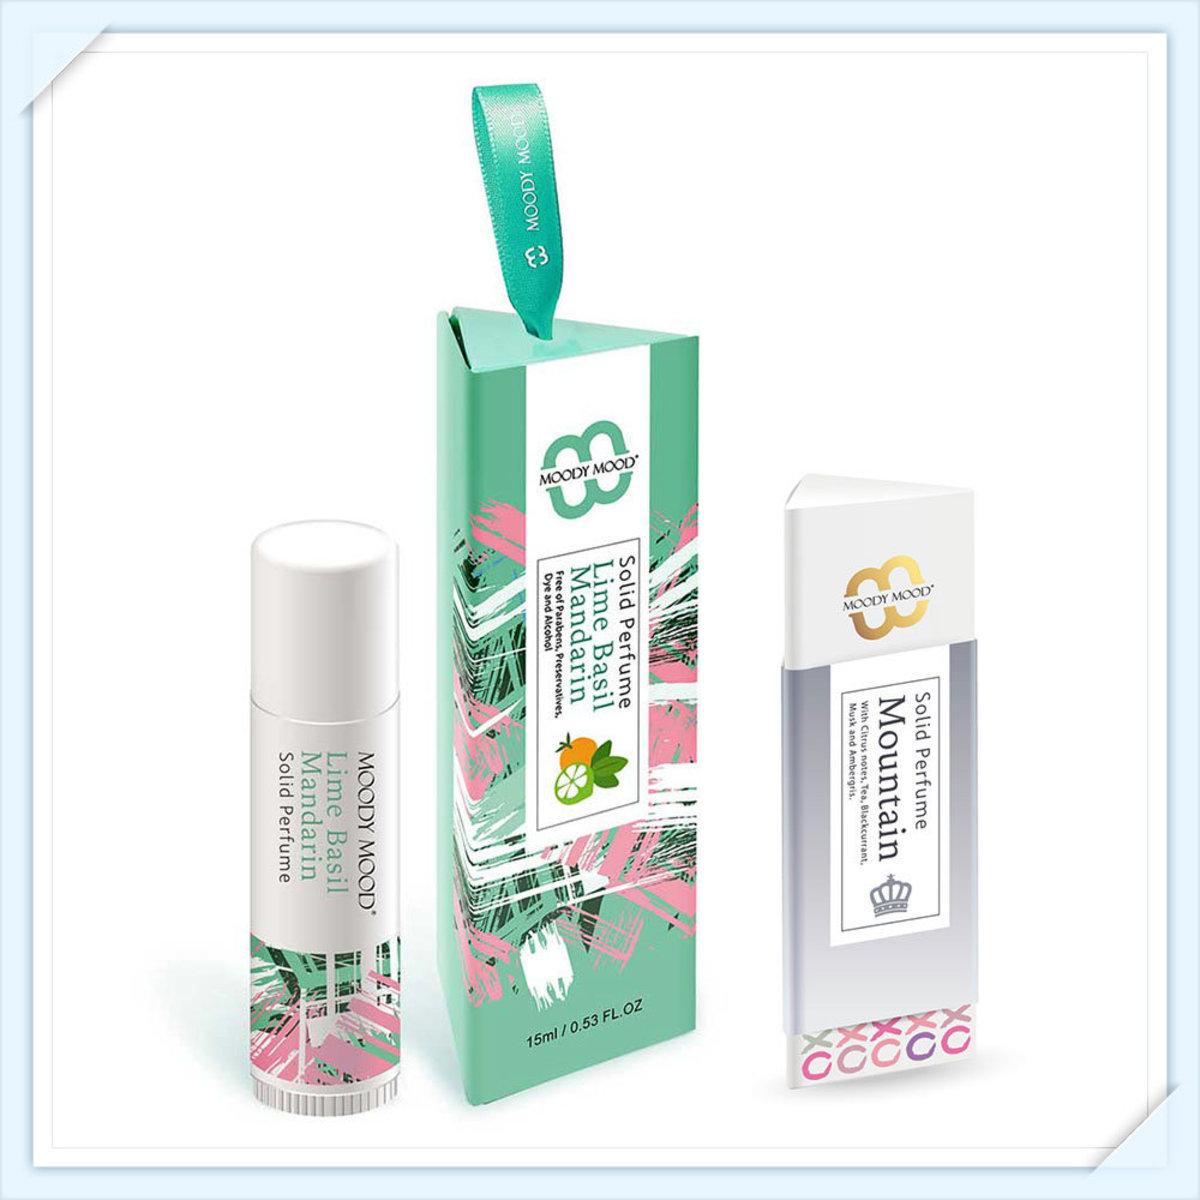 韓國製手工香水膏兩支裝(15g+5g)・青檸羅勒與柑橘及Silver Mountain